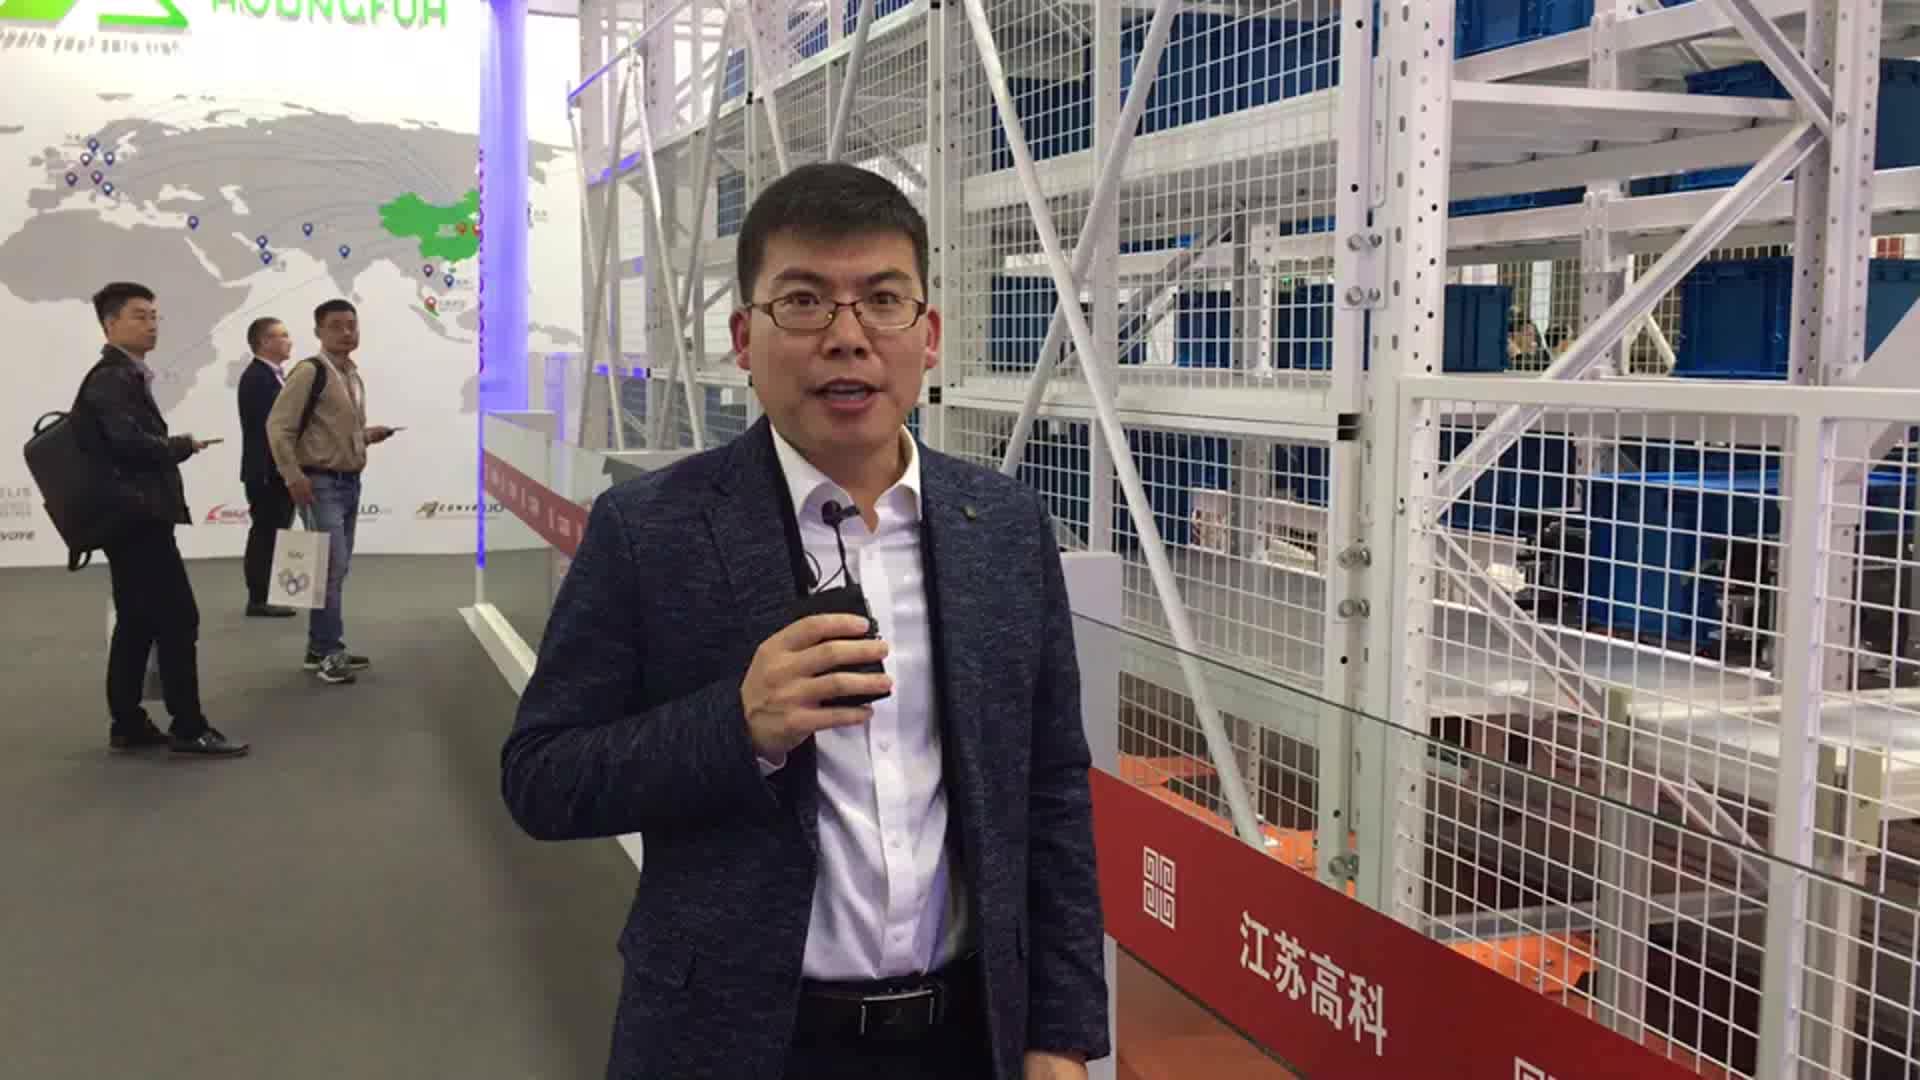 【高科展台】江苏高科物流科技股份有限公司展品介绍